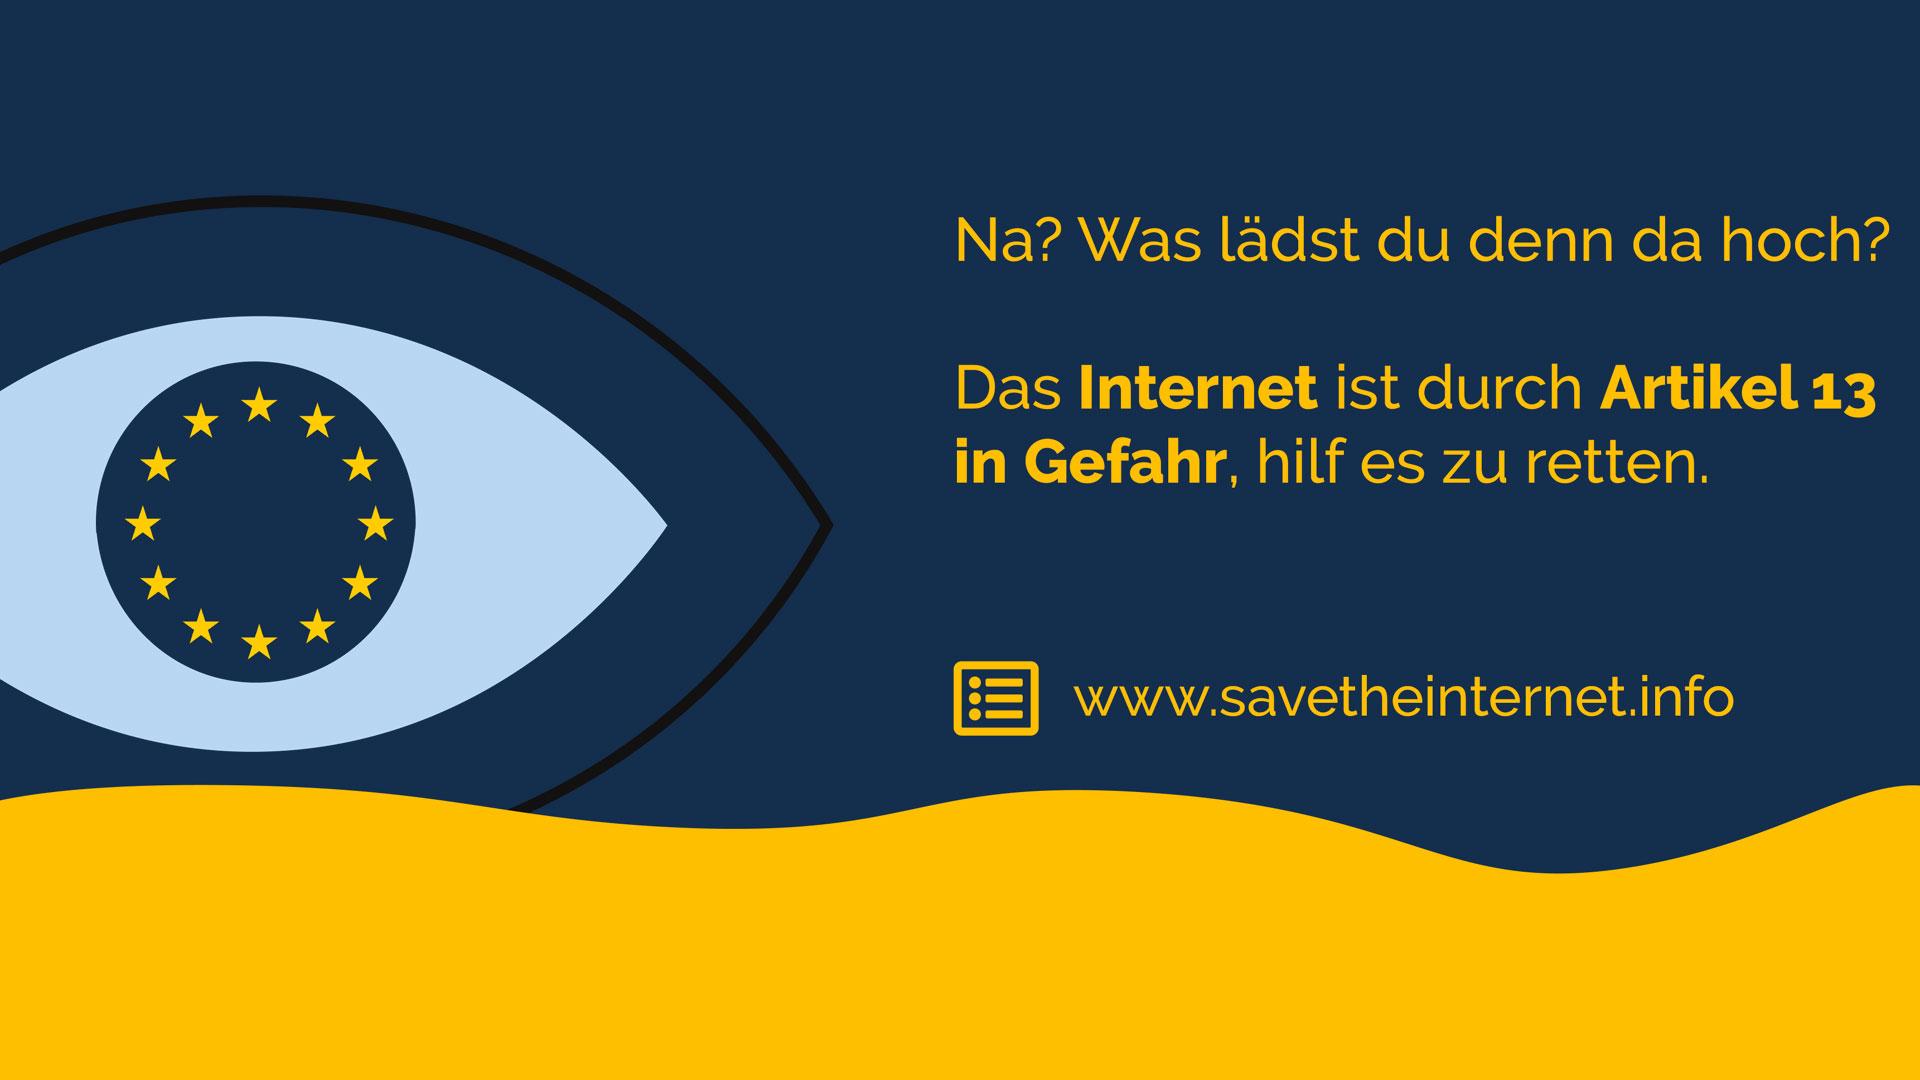 Hier geht es zur Petition: Stoppt die Zensurmaschine - Rettet das Internet! #Uploadfilter #Artikel13. © savetheinternet.info